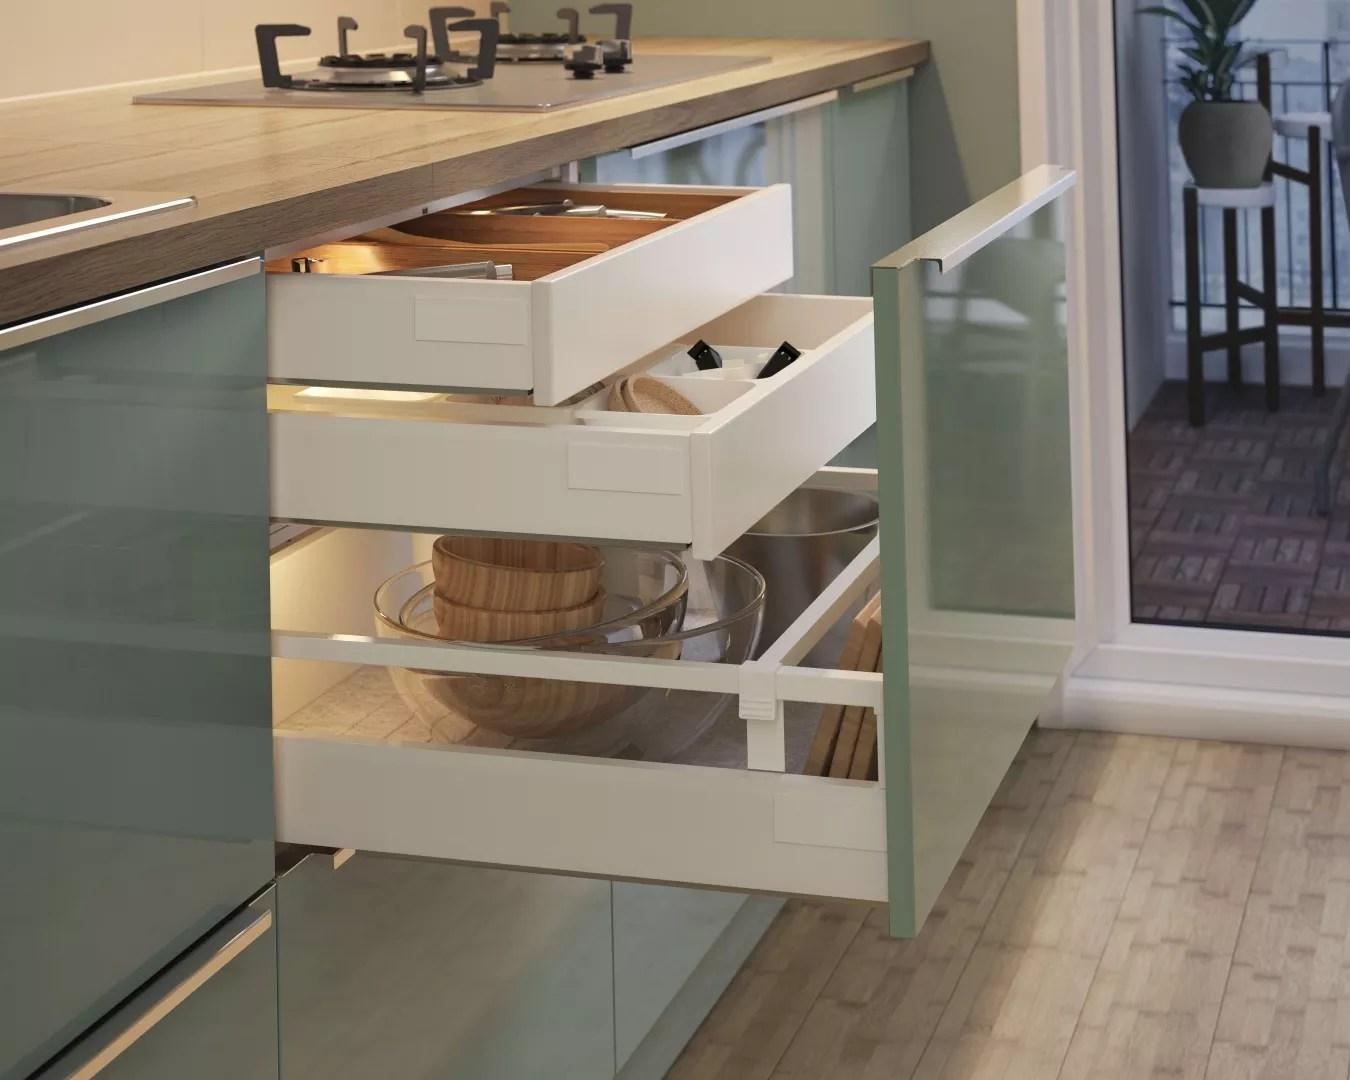 Keuken Ikea Beige : Ikea küche voxtorp beige showroomkeukens alle showroomkeuken